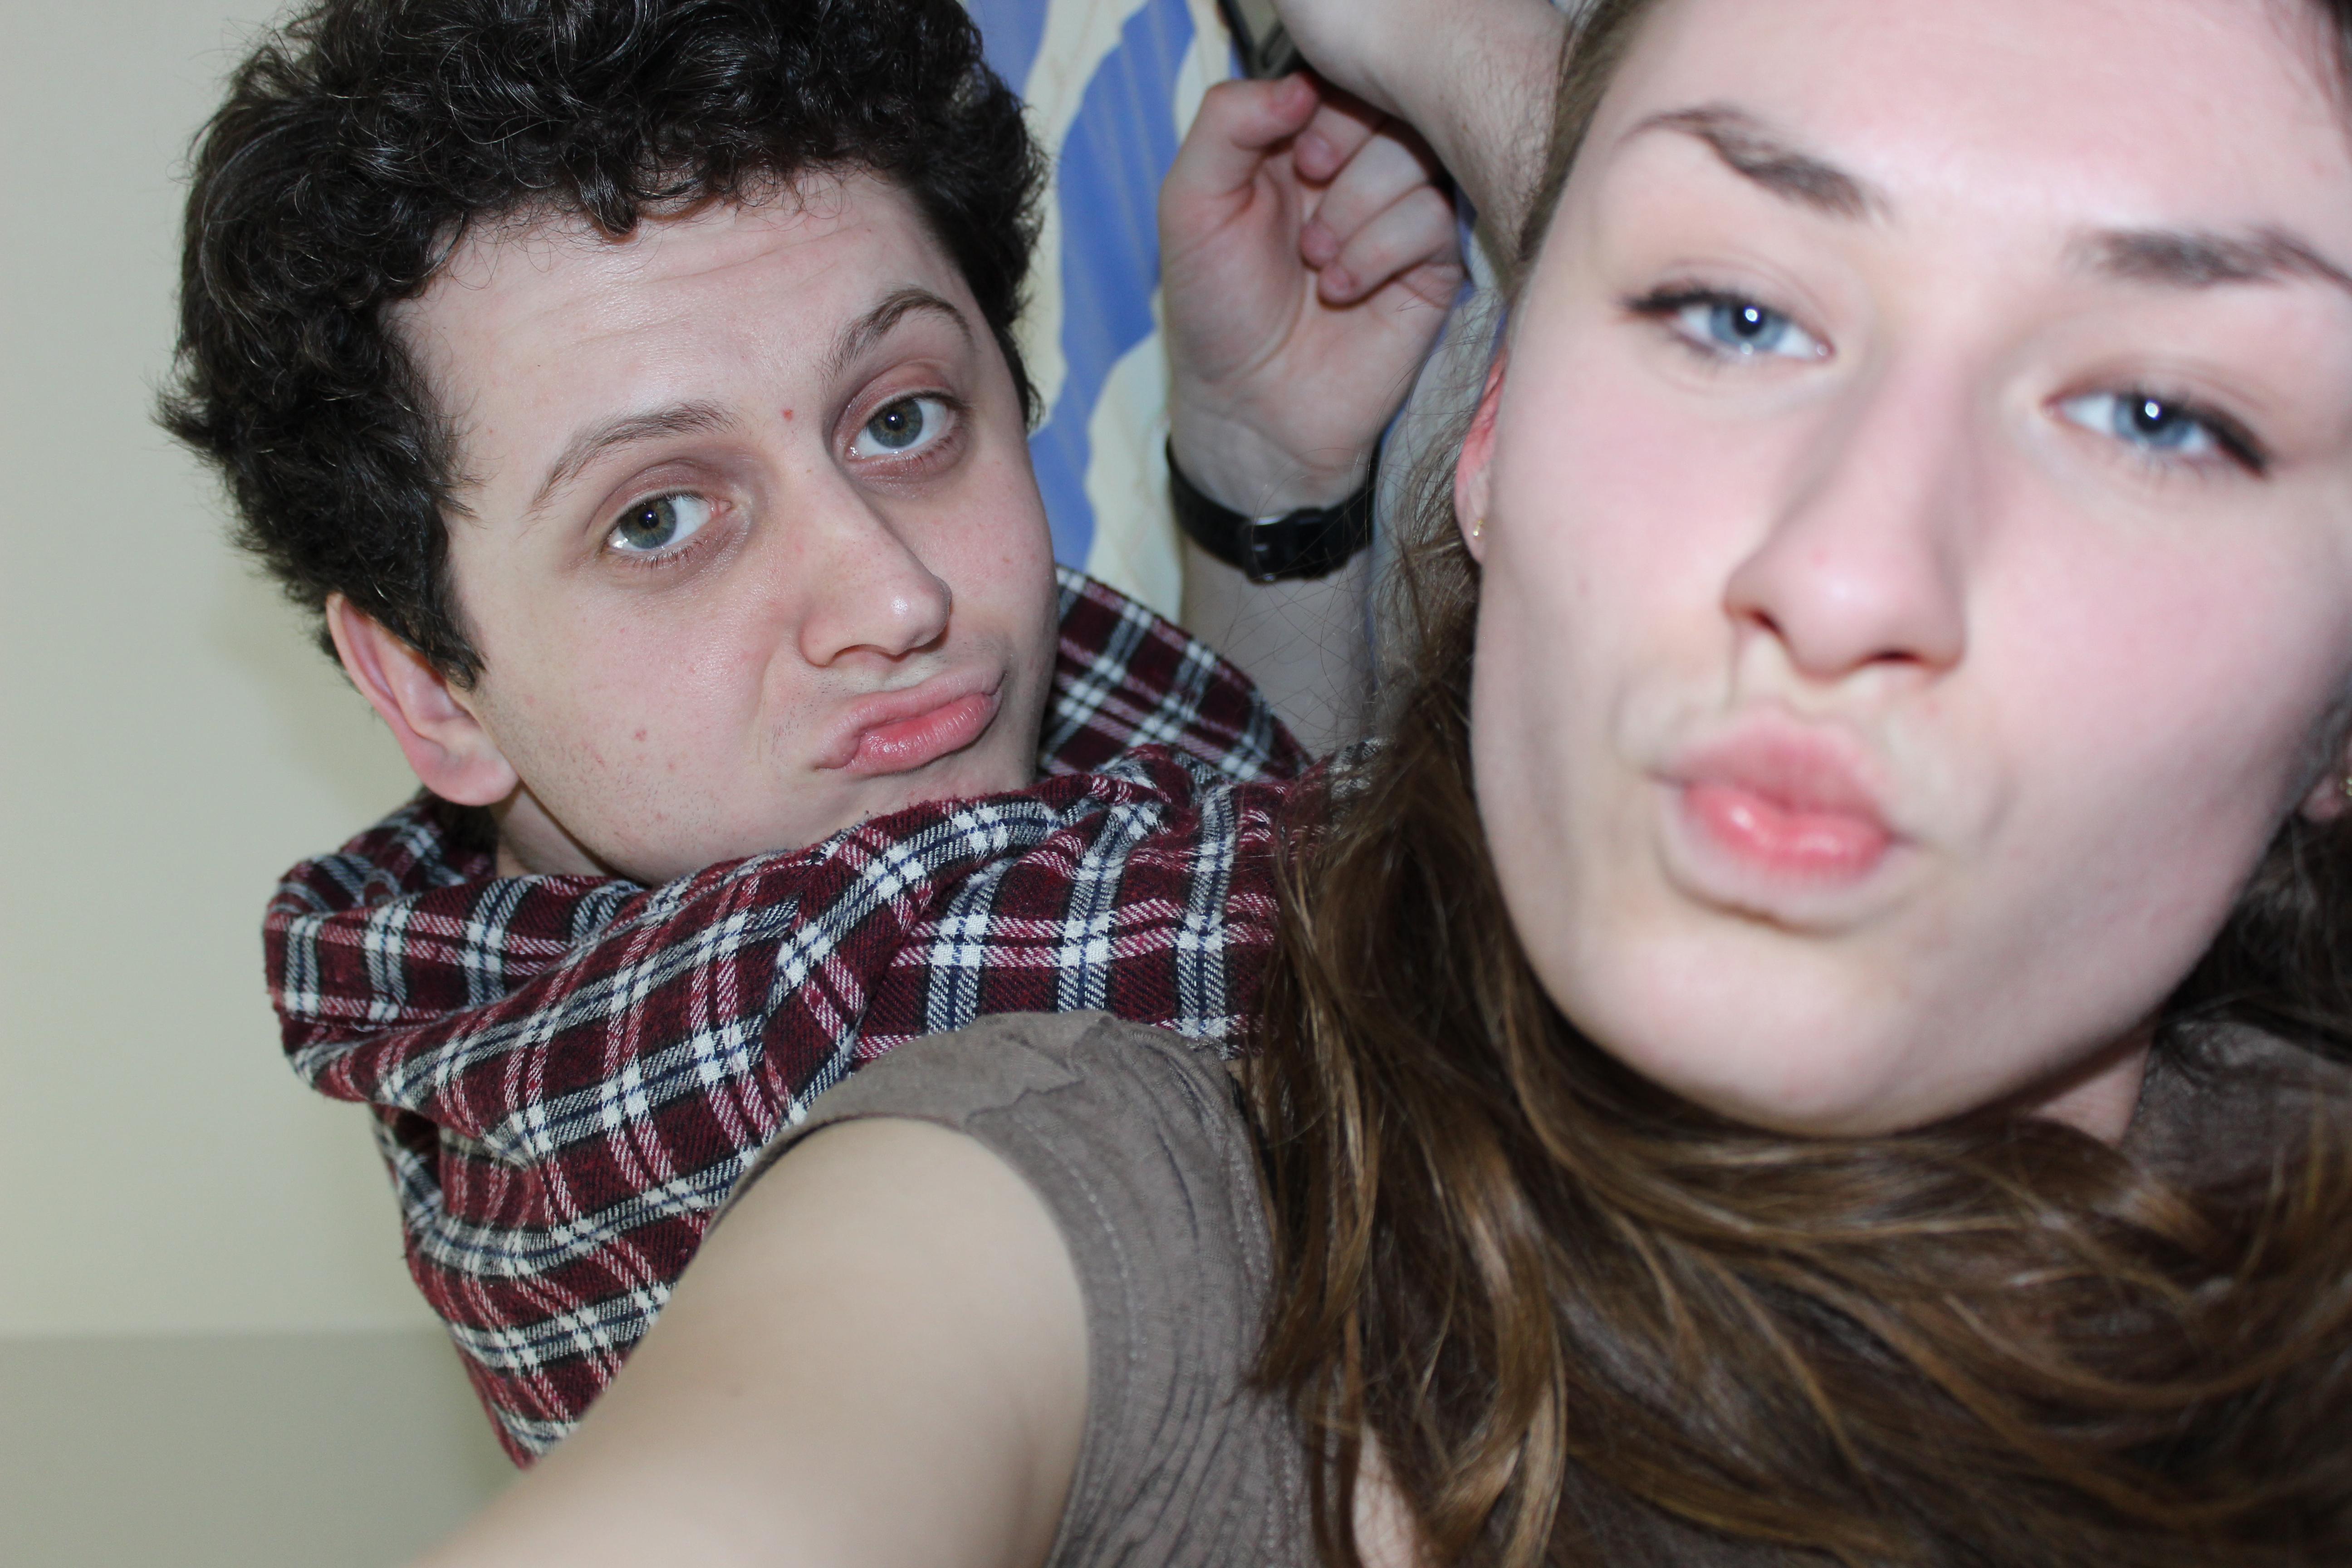 We got a little bit drunk